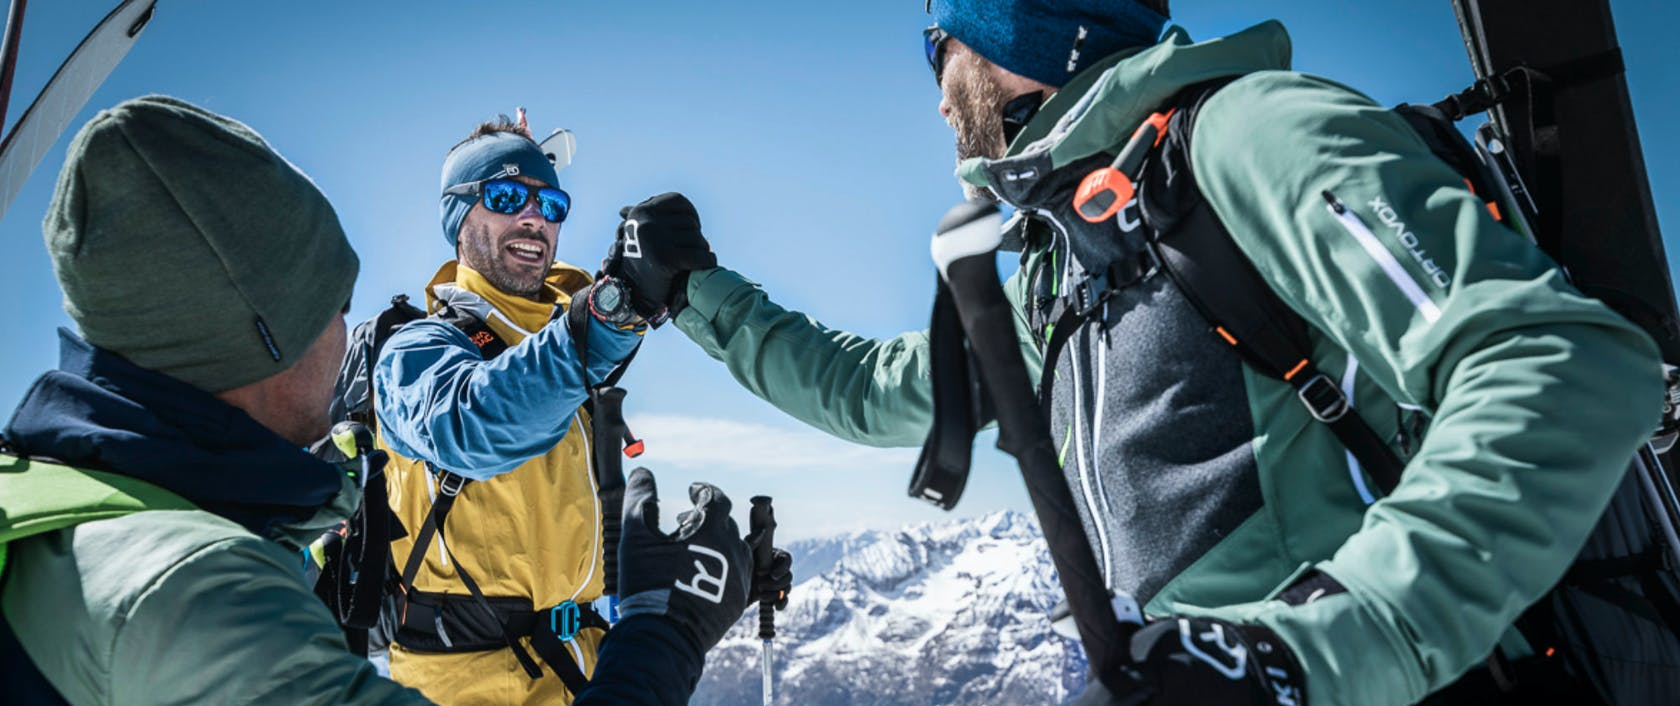 ortovox skitouring